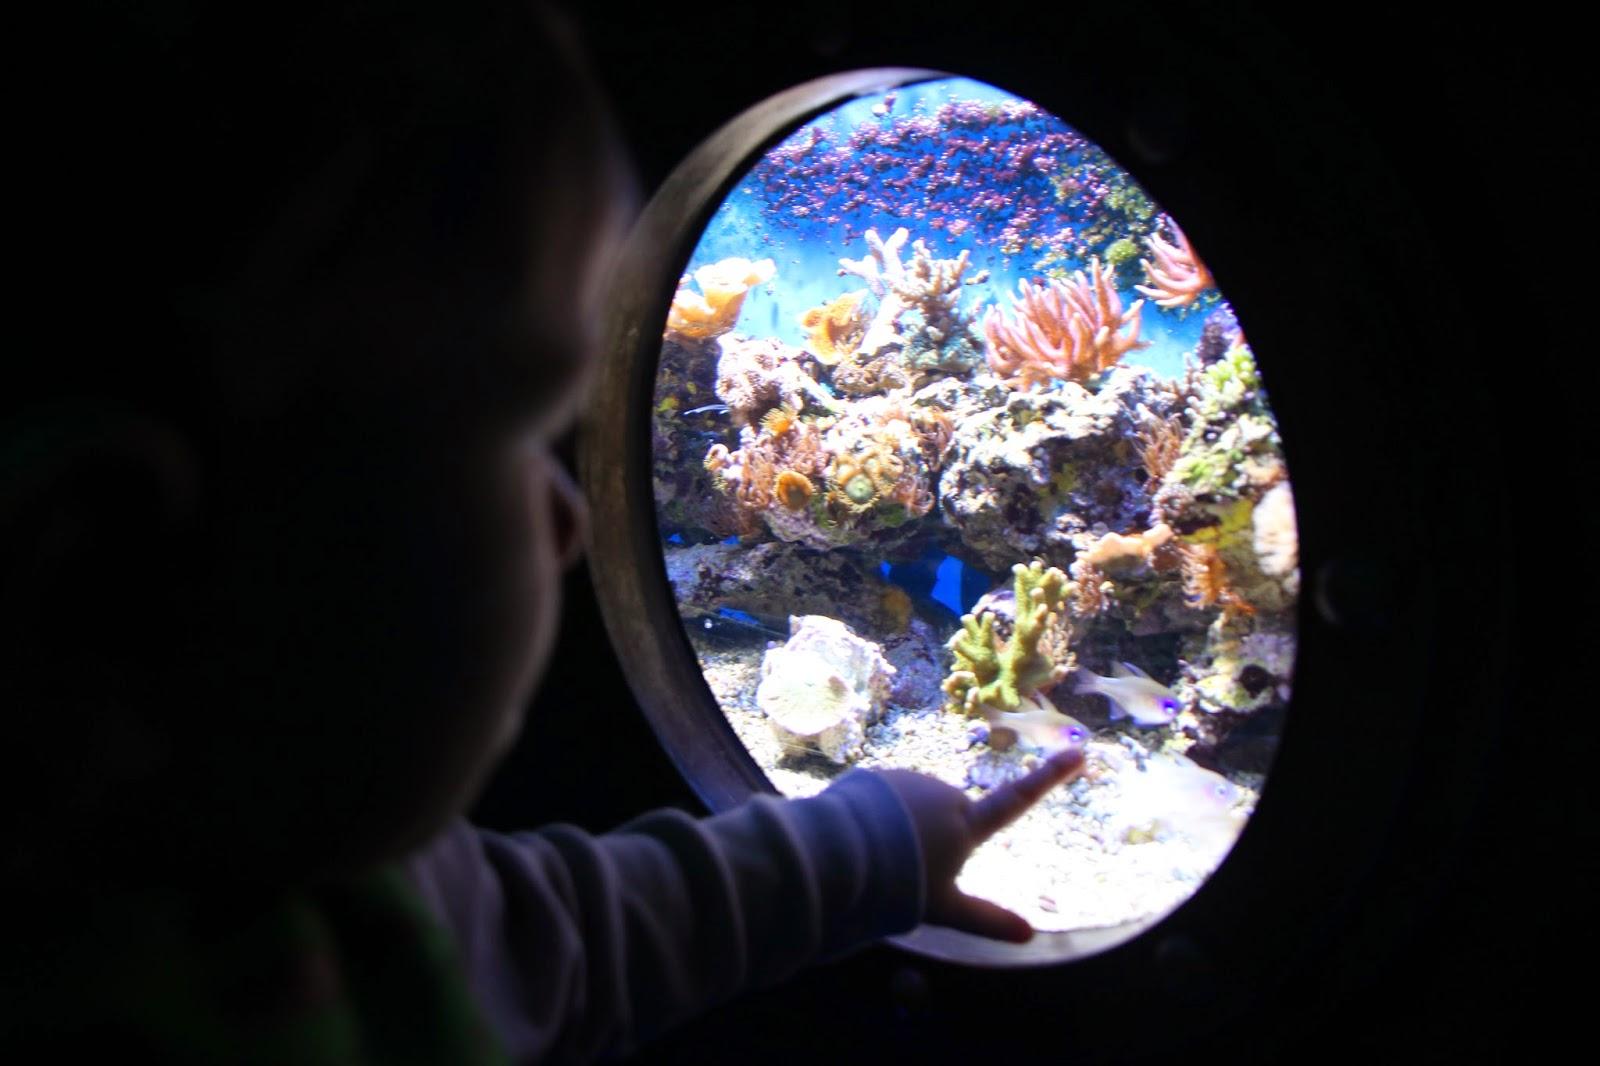 Kleinkind zeigt auf beleuchtetes Aquarium in der Biosphäre Potsdam